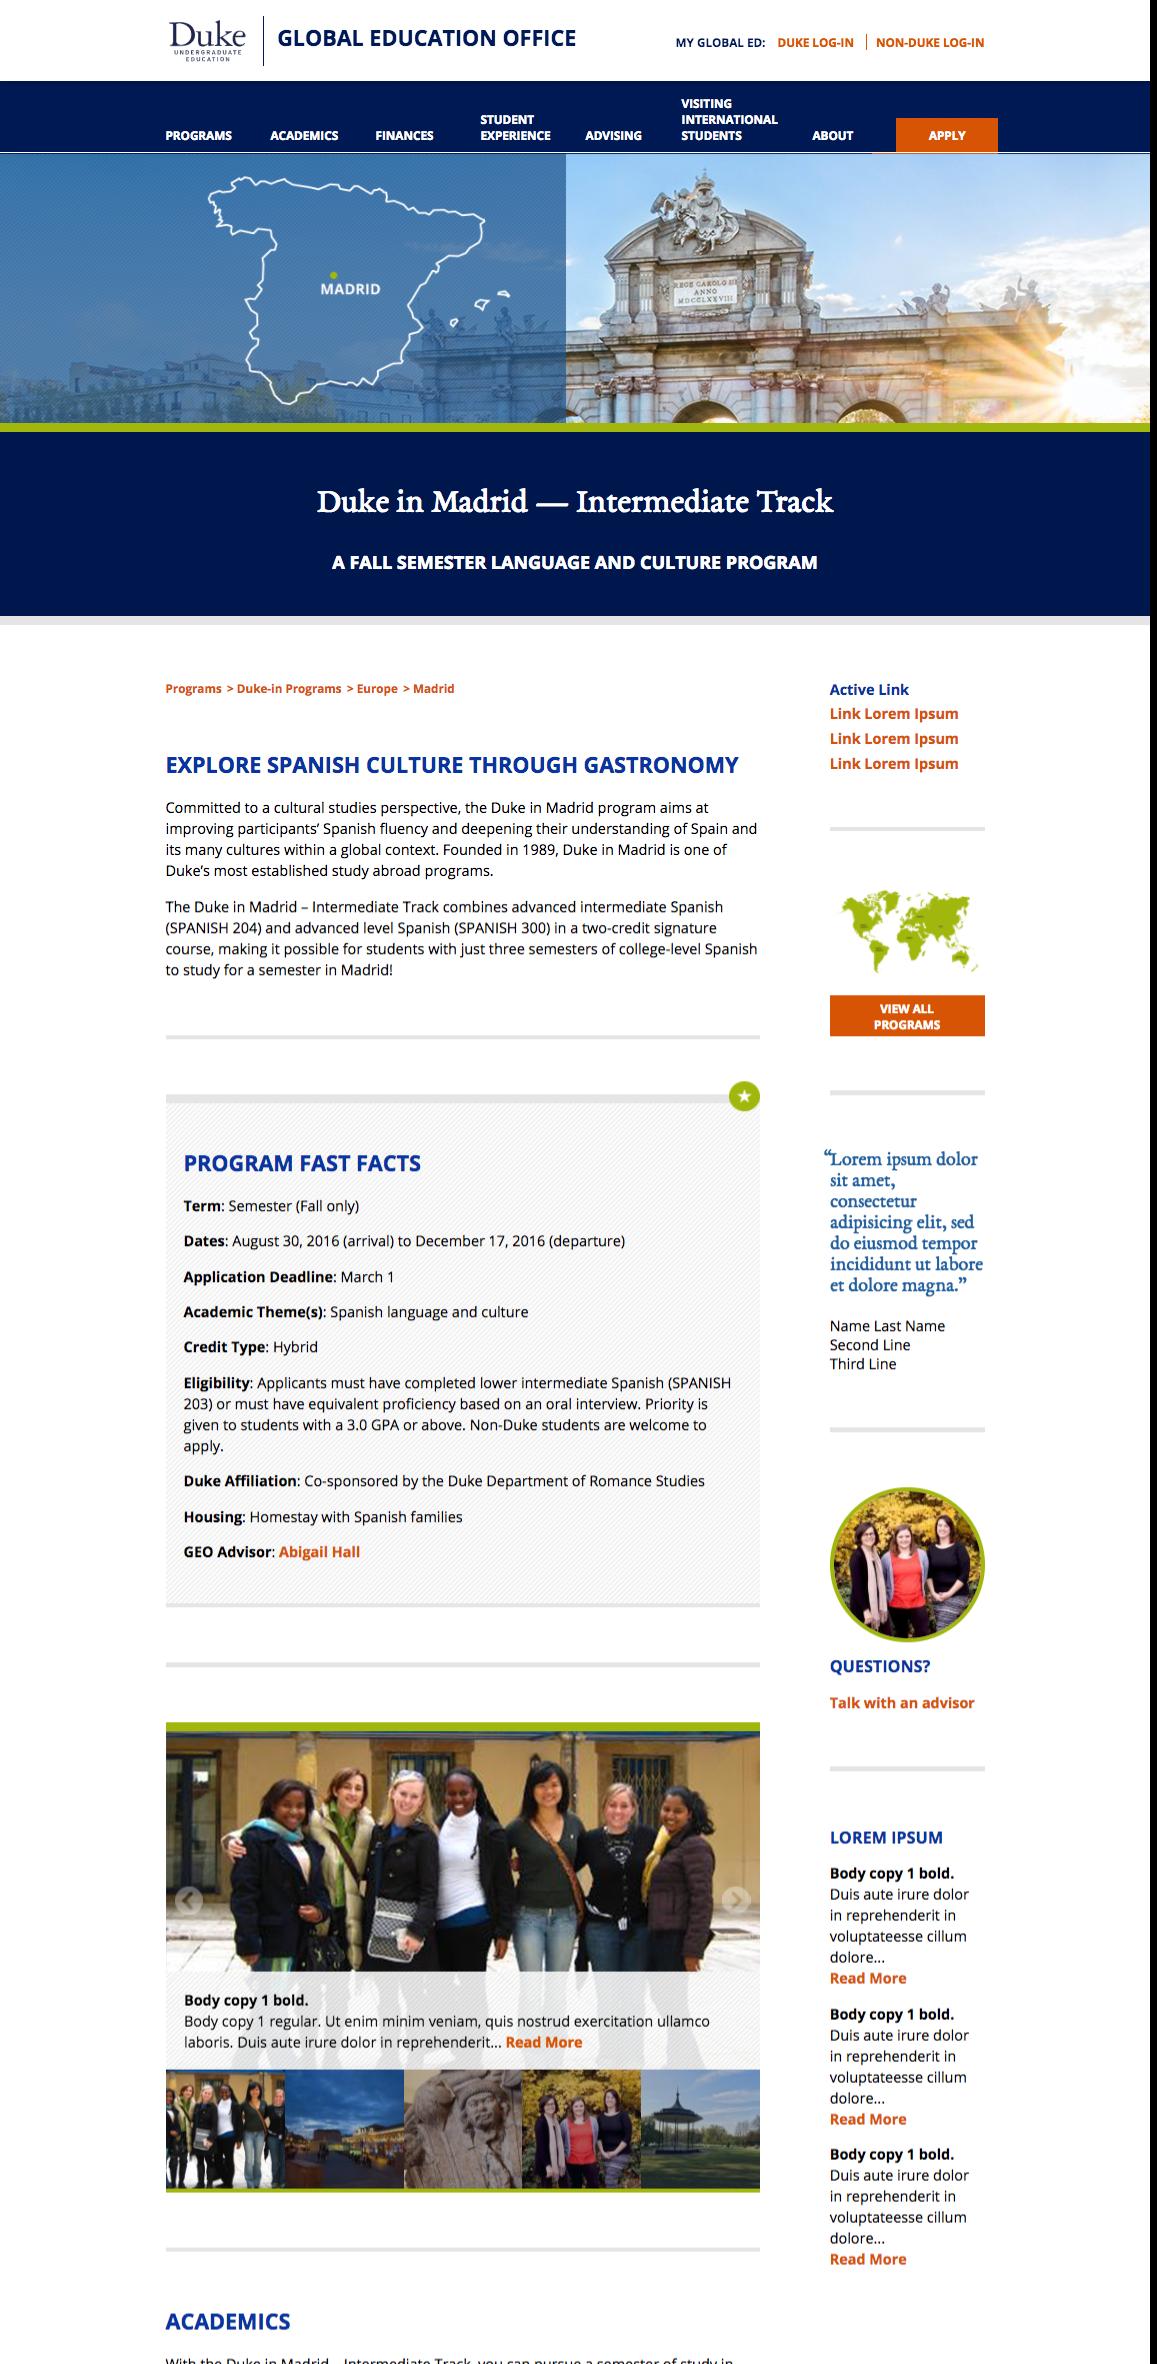 Duke - Global Education Office